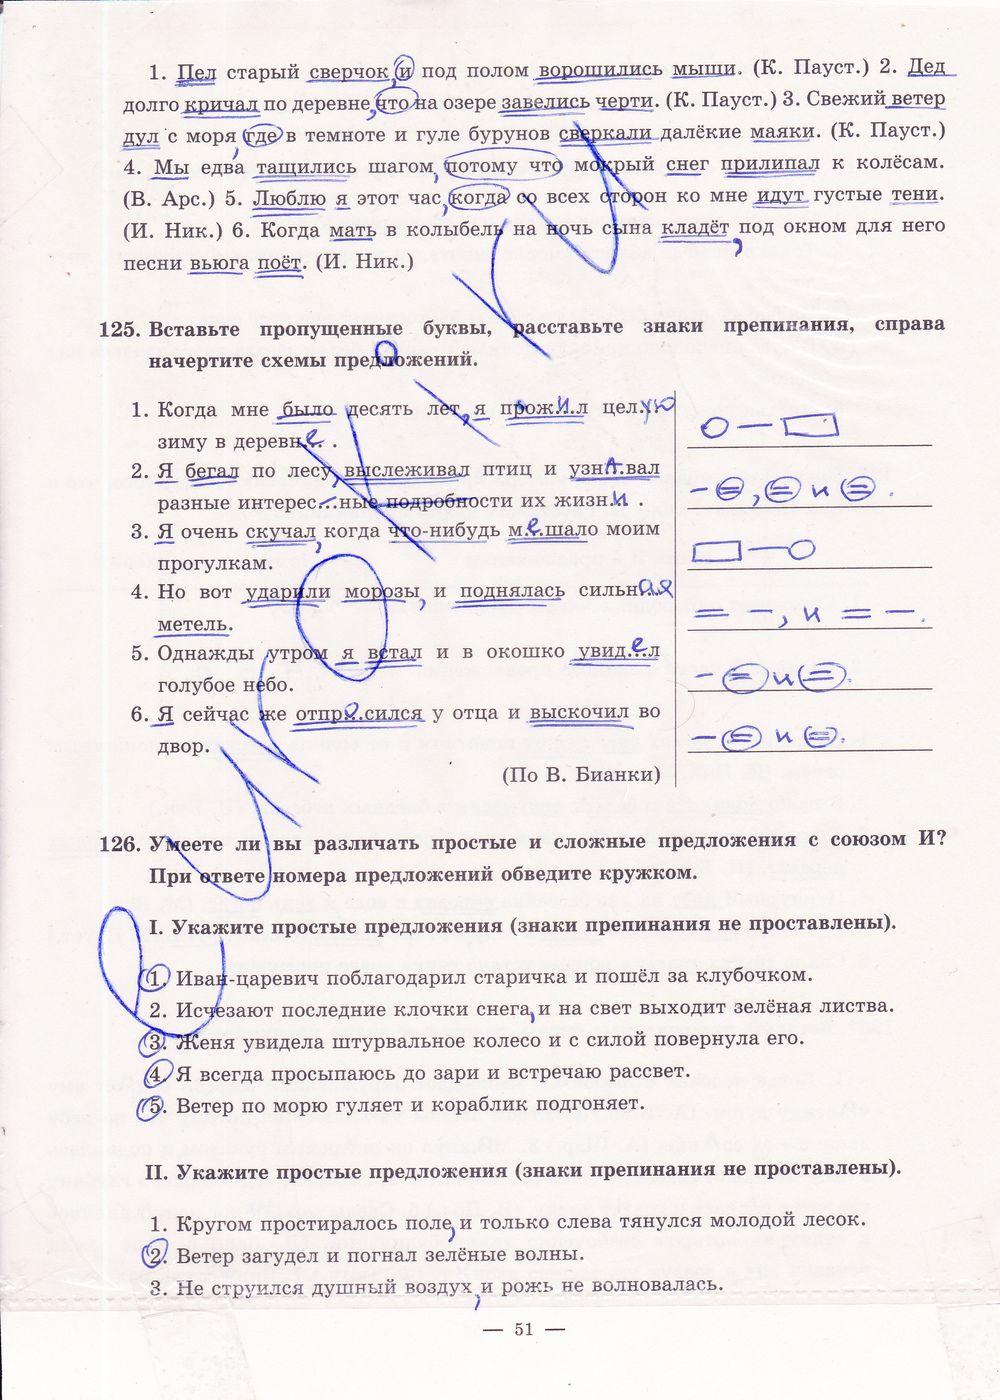 Гдз по истории росии 8 класс рабочая тетрадь скачать бесплатно данилов косулина